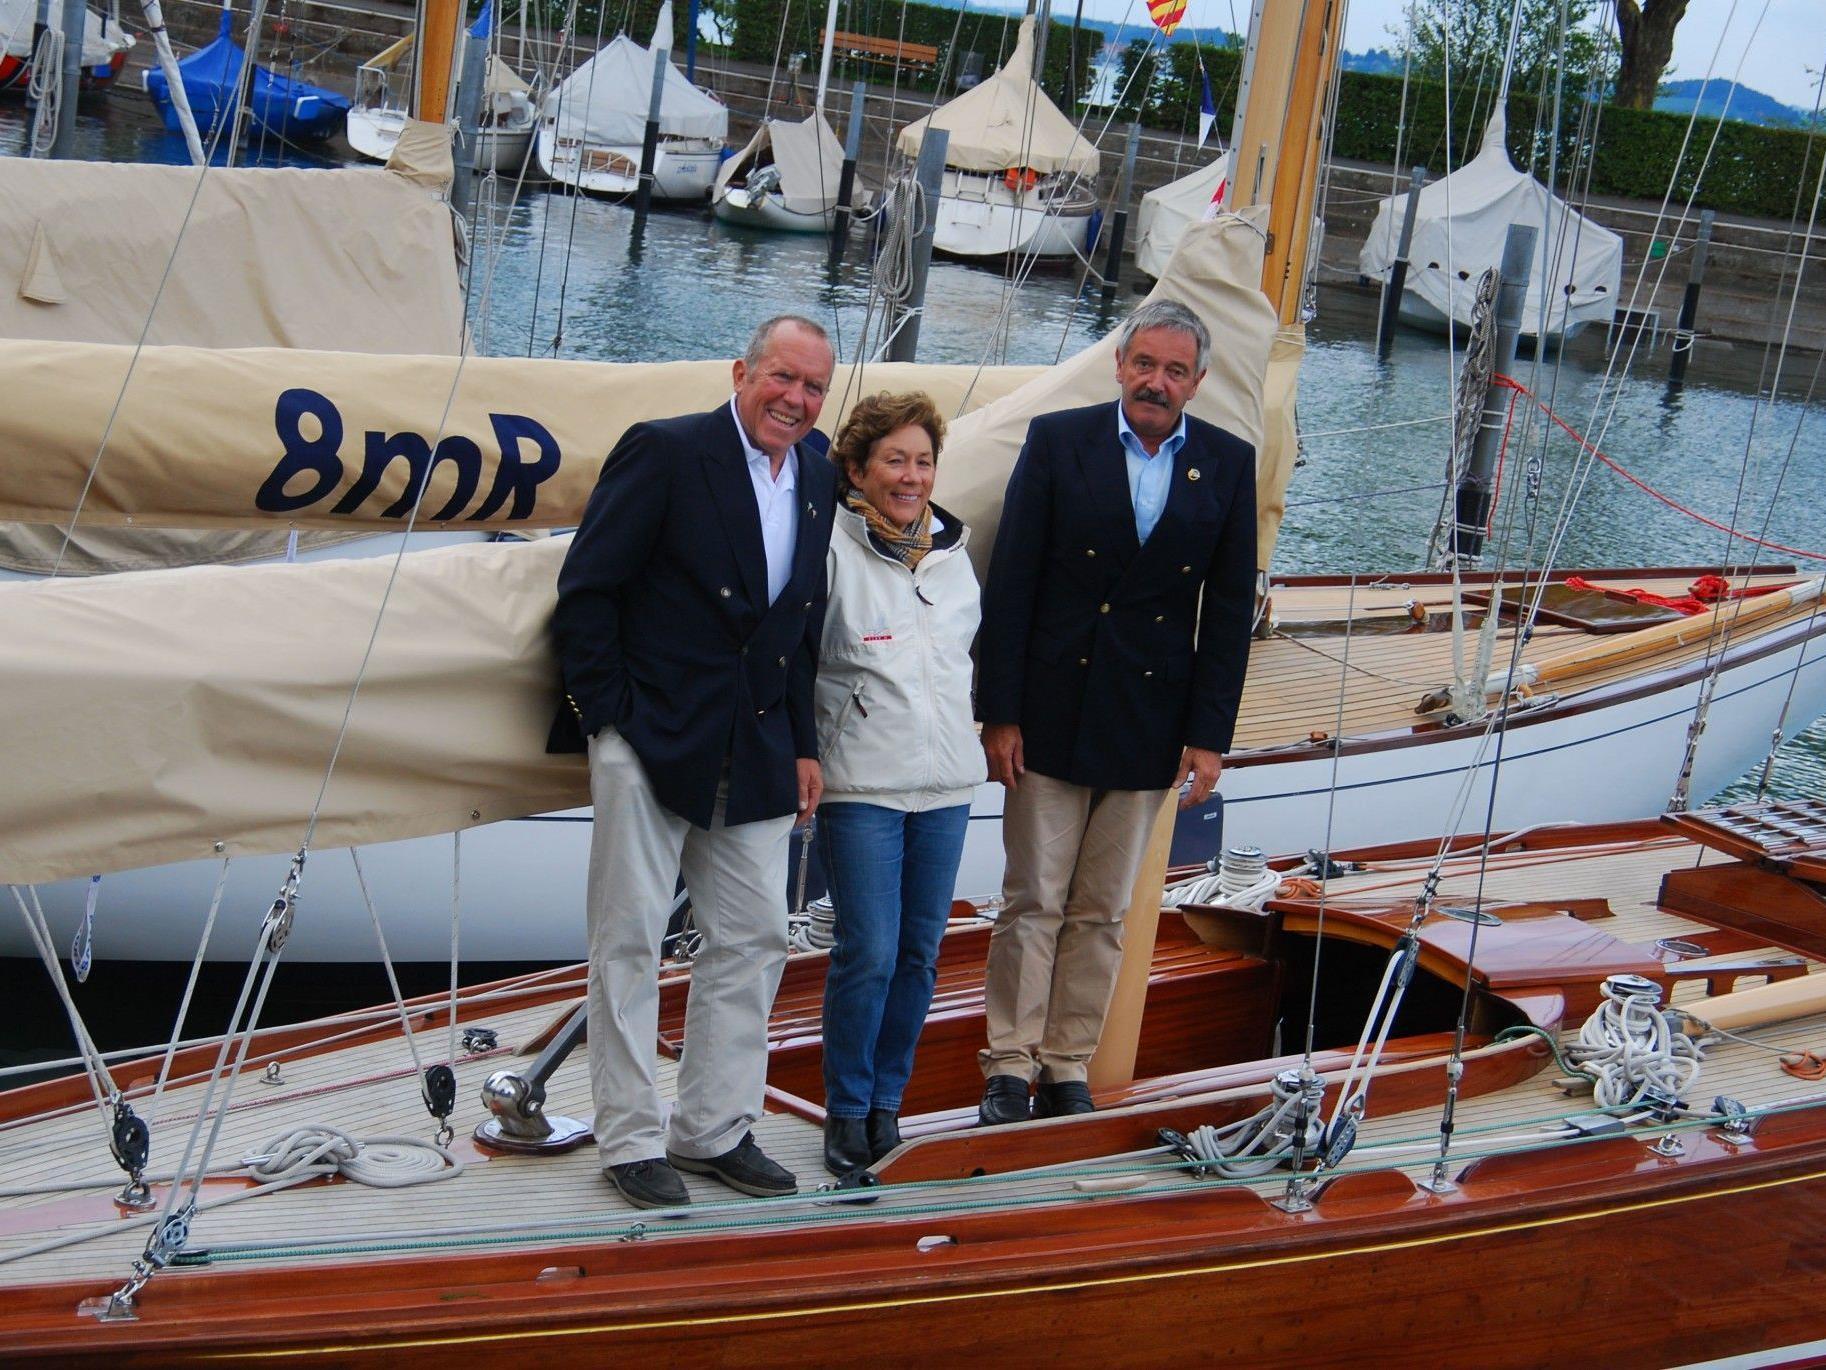 """Anne und Andreas Lochbrunner mit Tilman Kuner auf der """"Elfe II""""."""